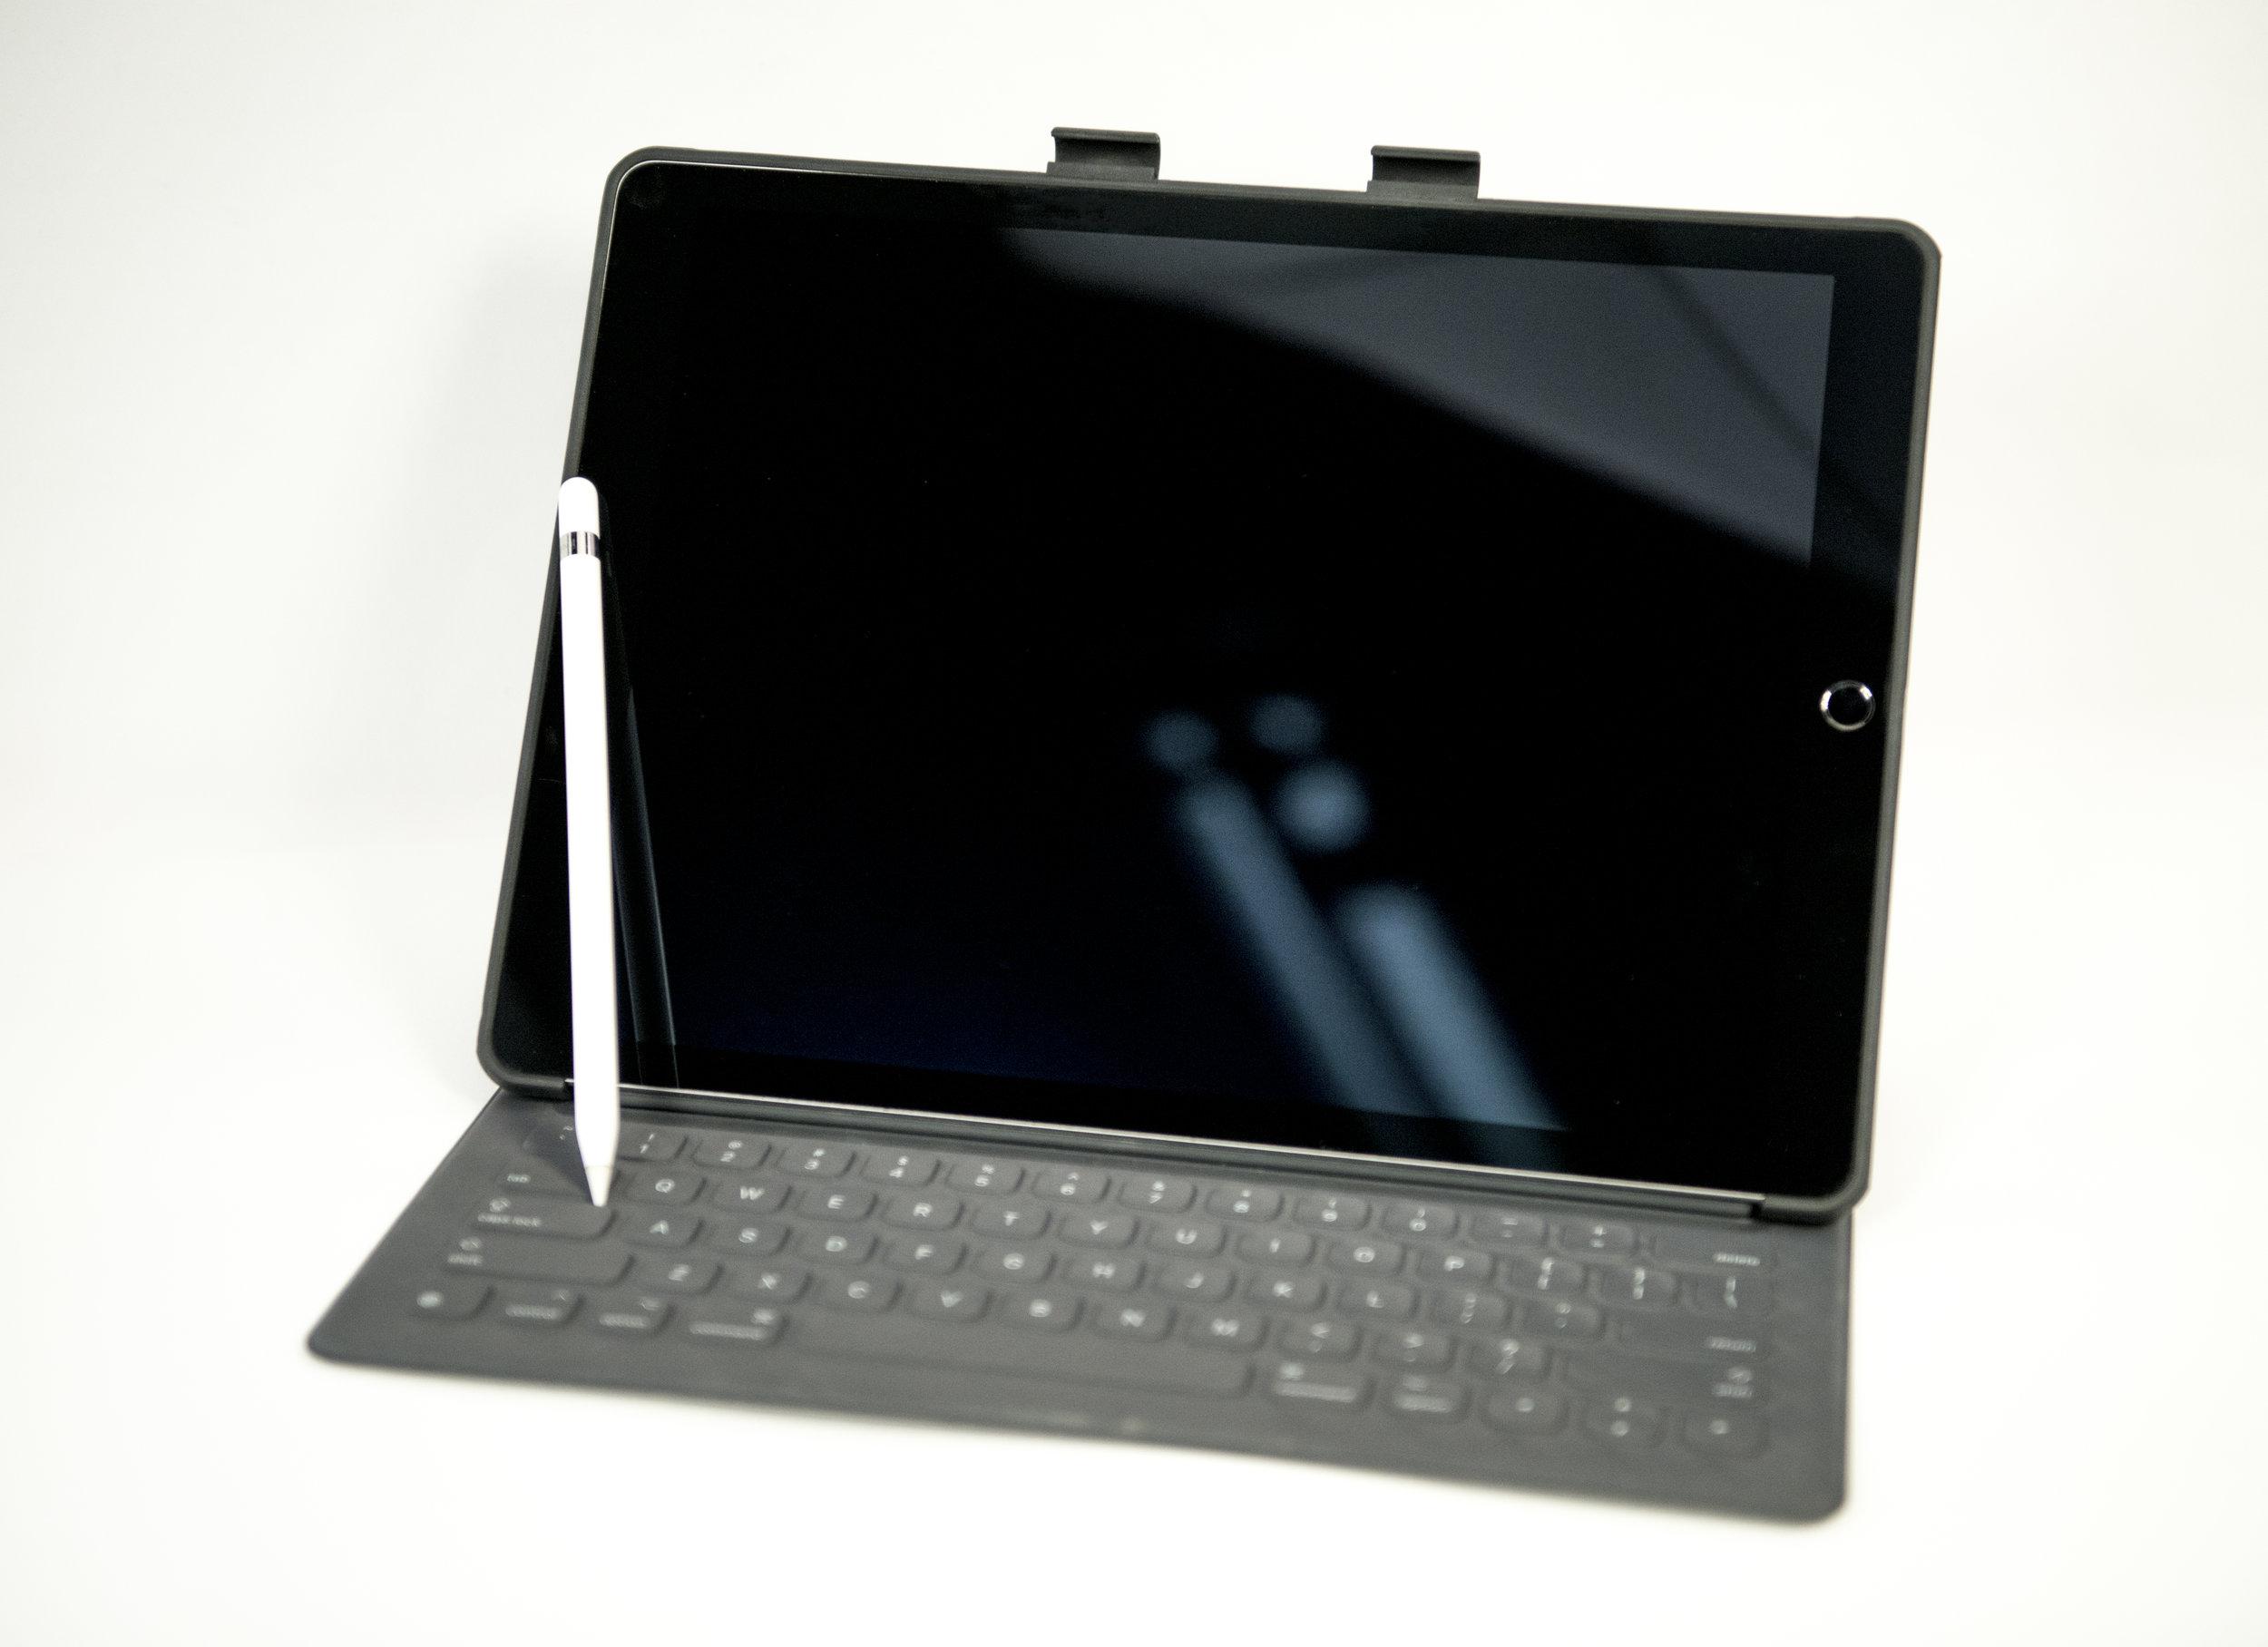 IPad Keyboard.jpg